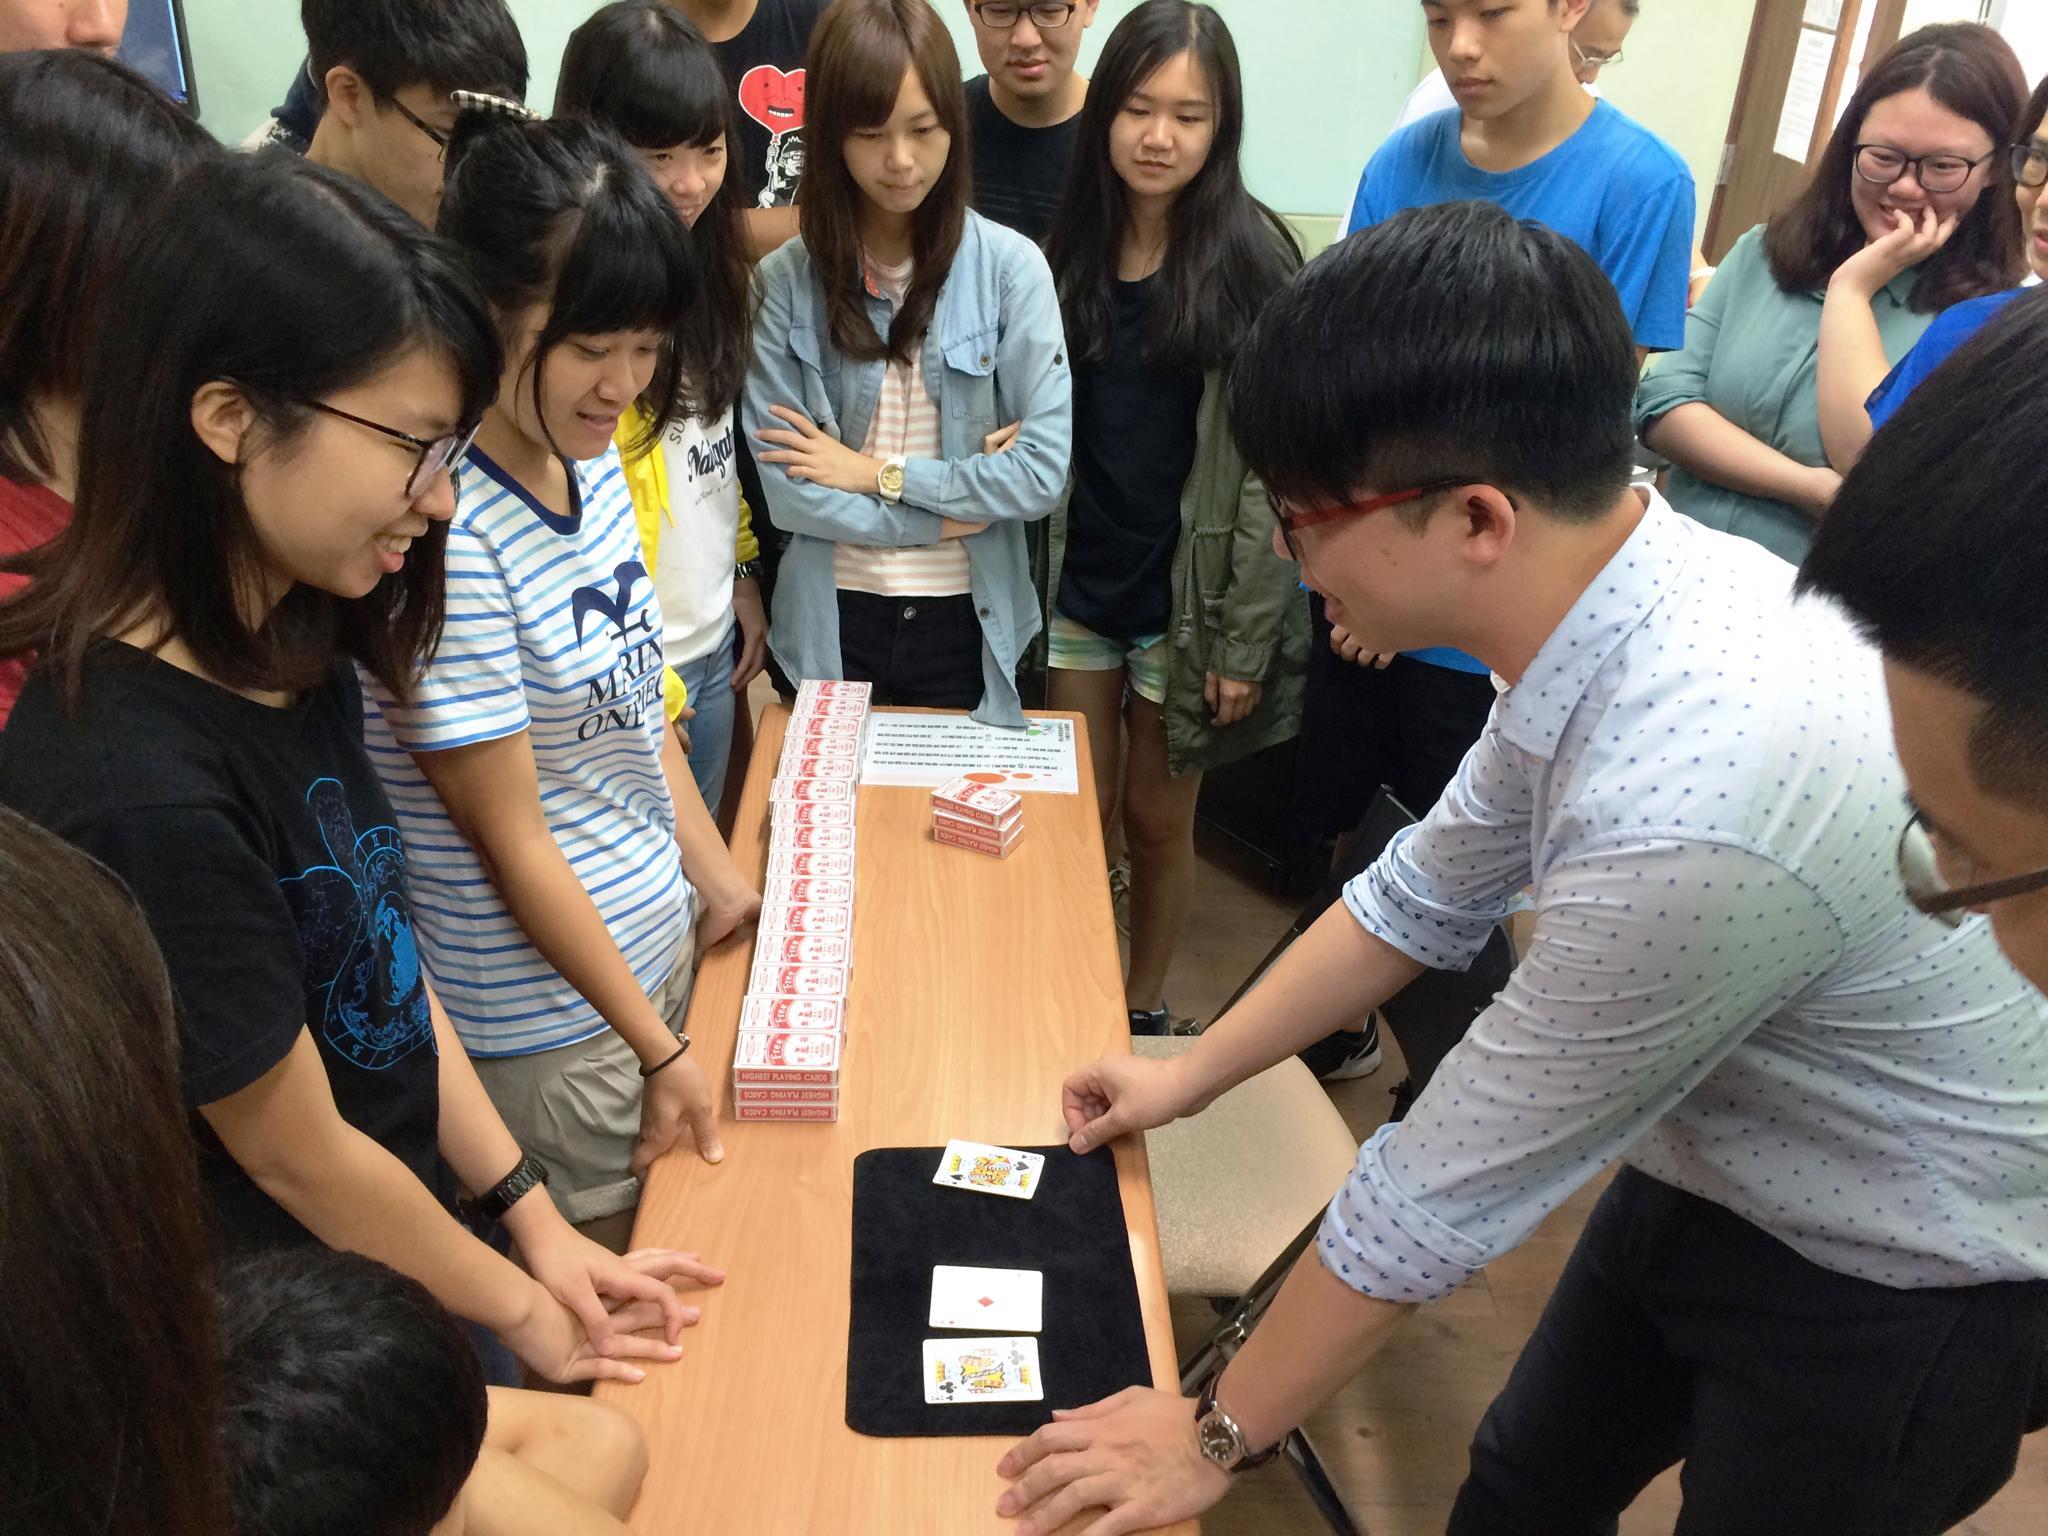 通稿照片4-「數學魔法師」莊惟棟老師快速的魔術手法,讓現場師生嘖嘖稱奇。.JPG